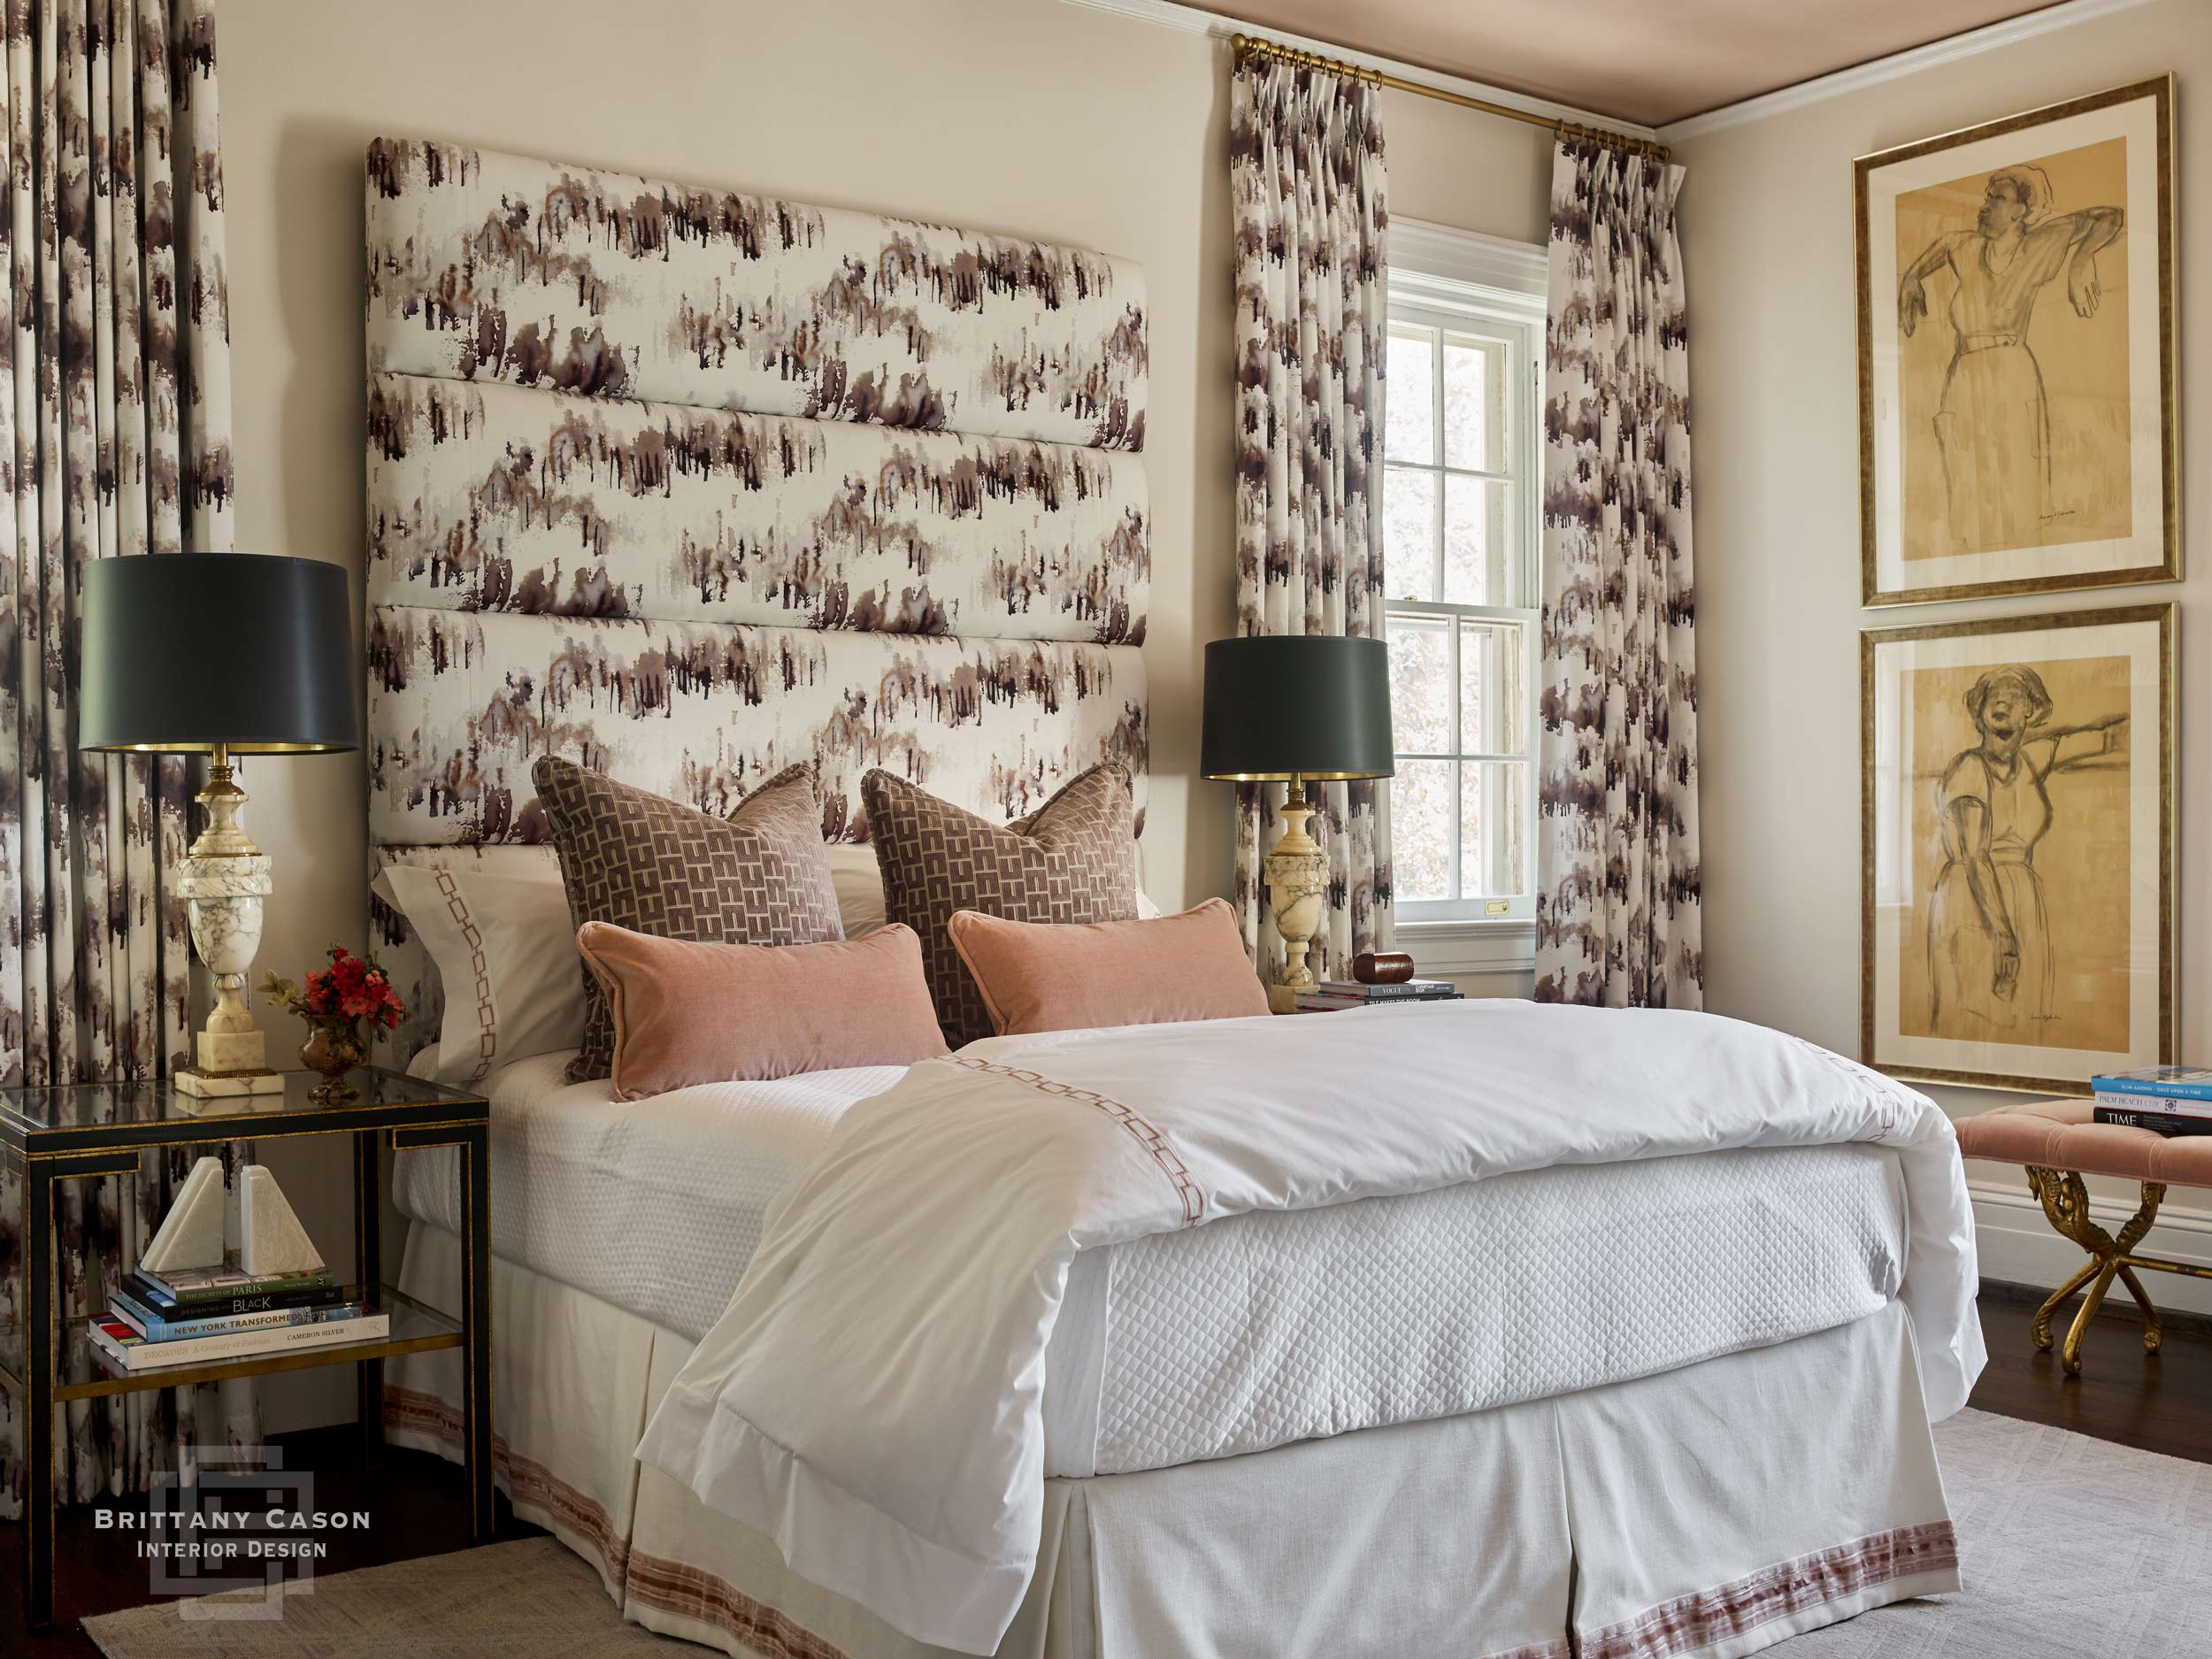 Brittany Cason Interior Design